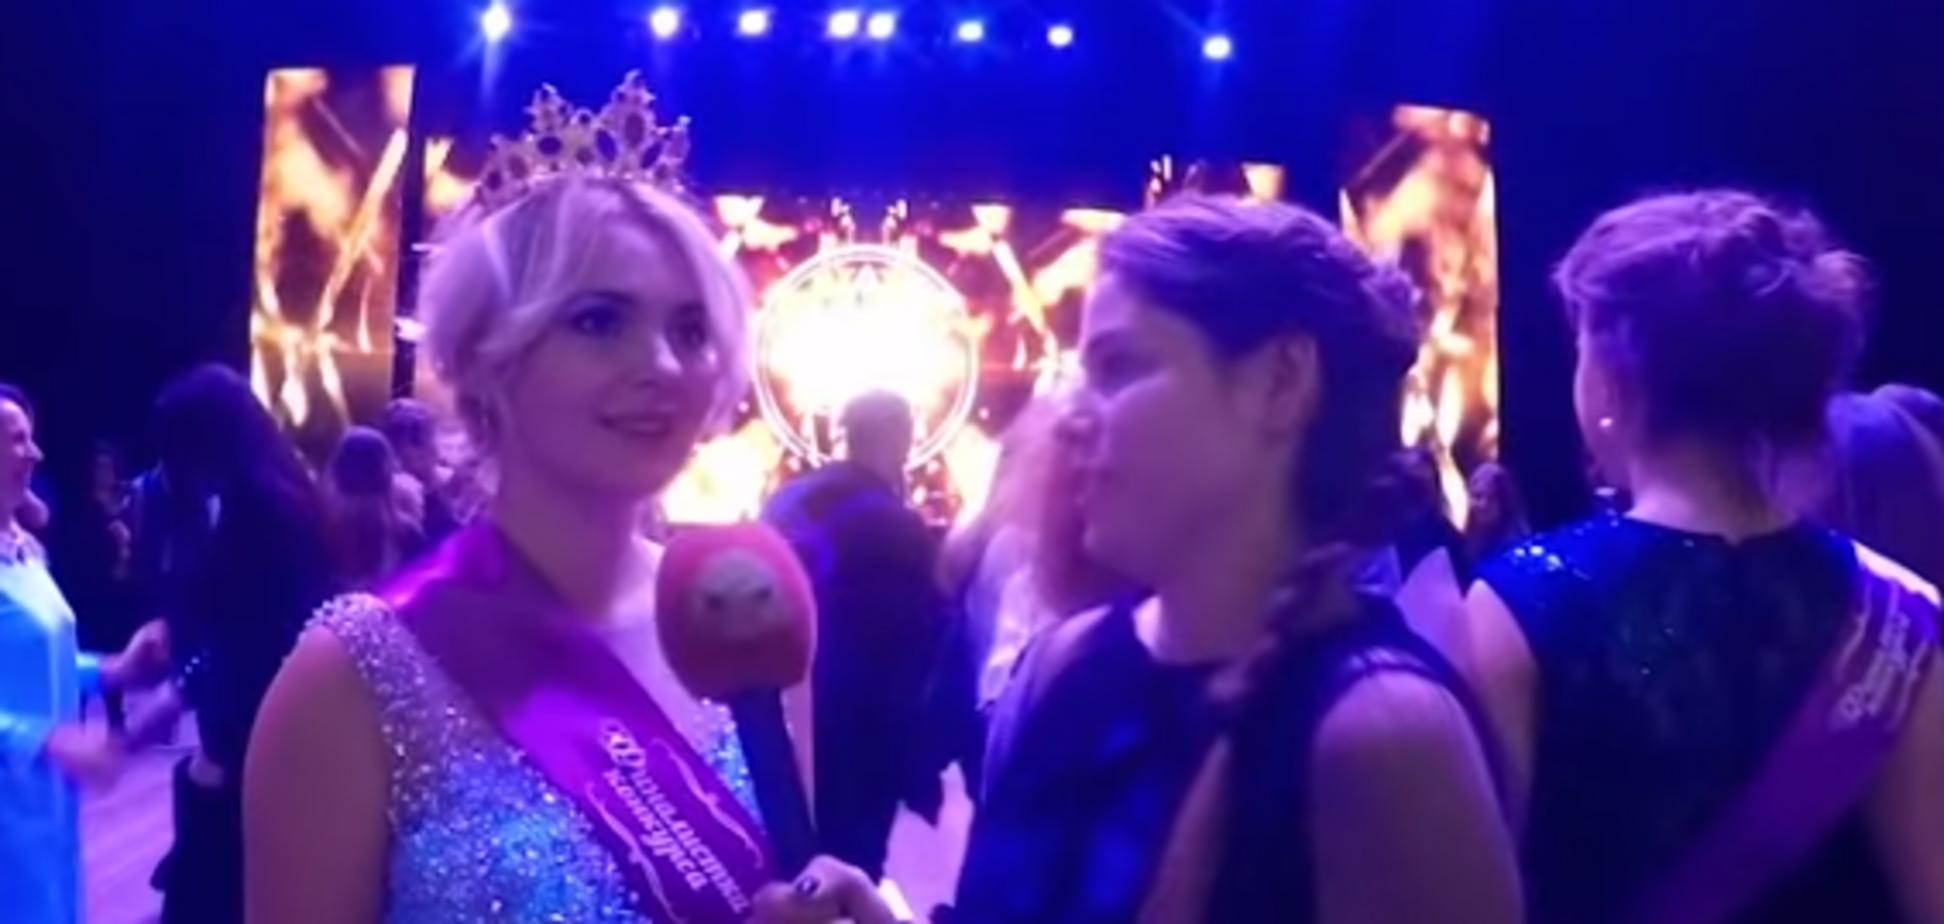 ''Імпотенція забезпечена'': мережу нажахав конкурс краси в ''ДНР''